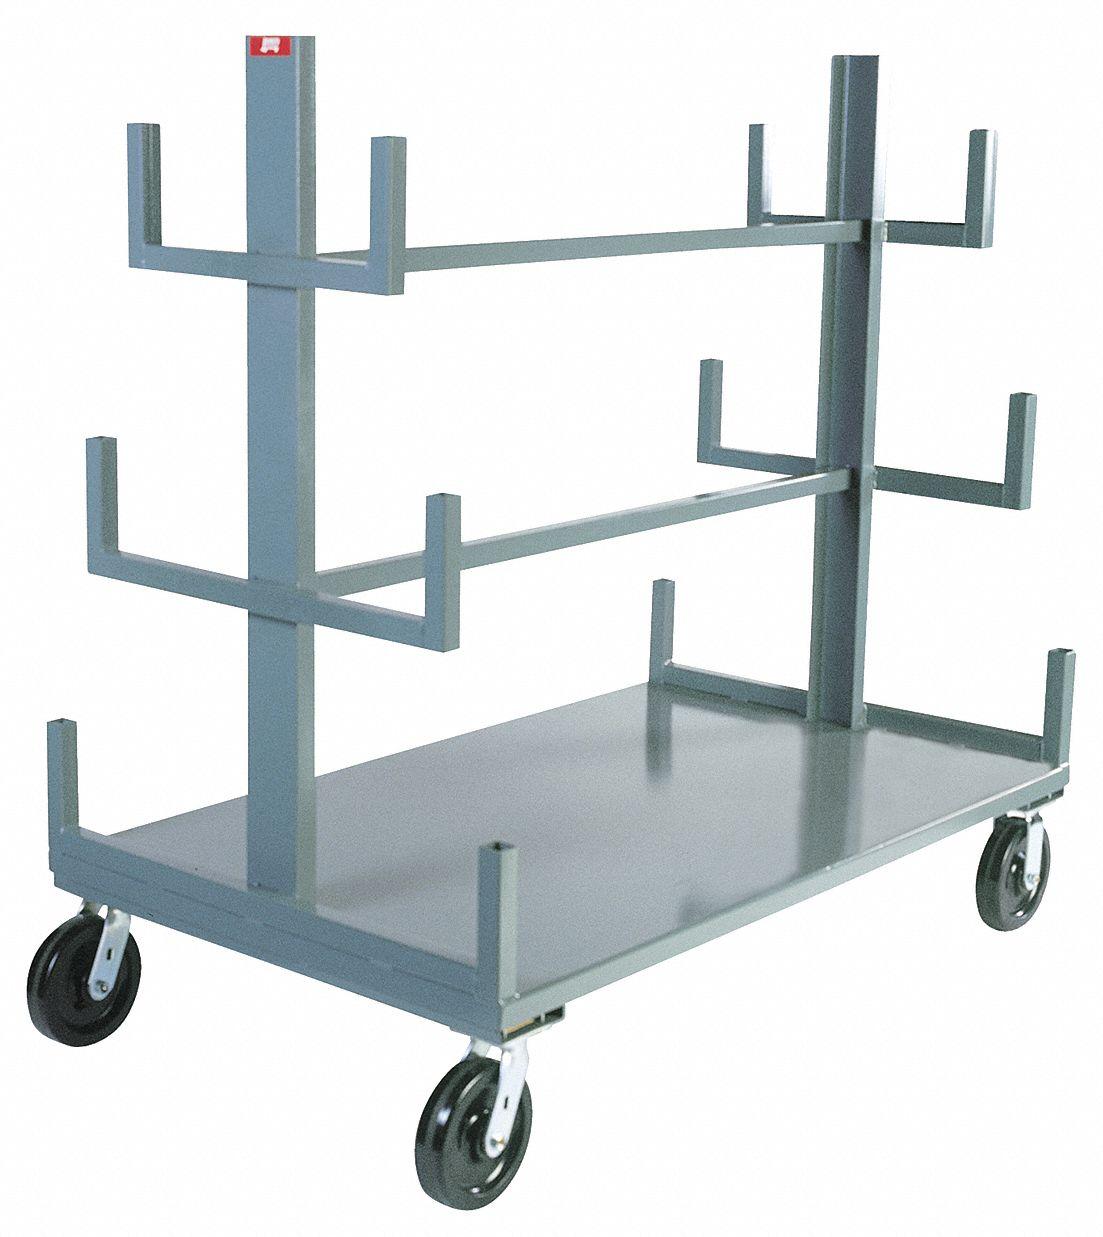 mobile bar pipe rack 4 000 lb load capacity 48 in x 36 in